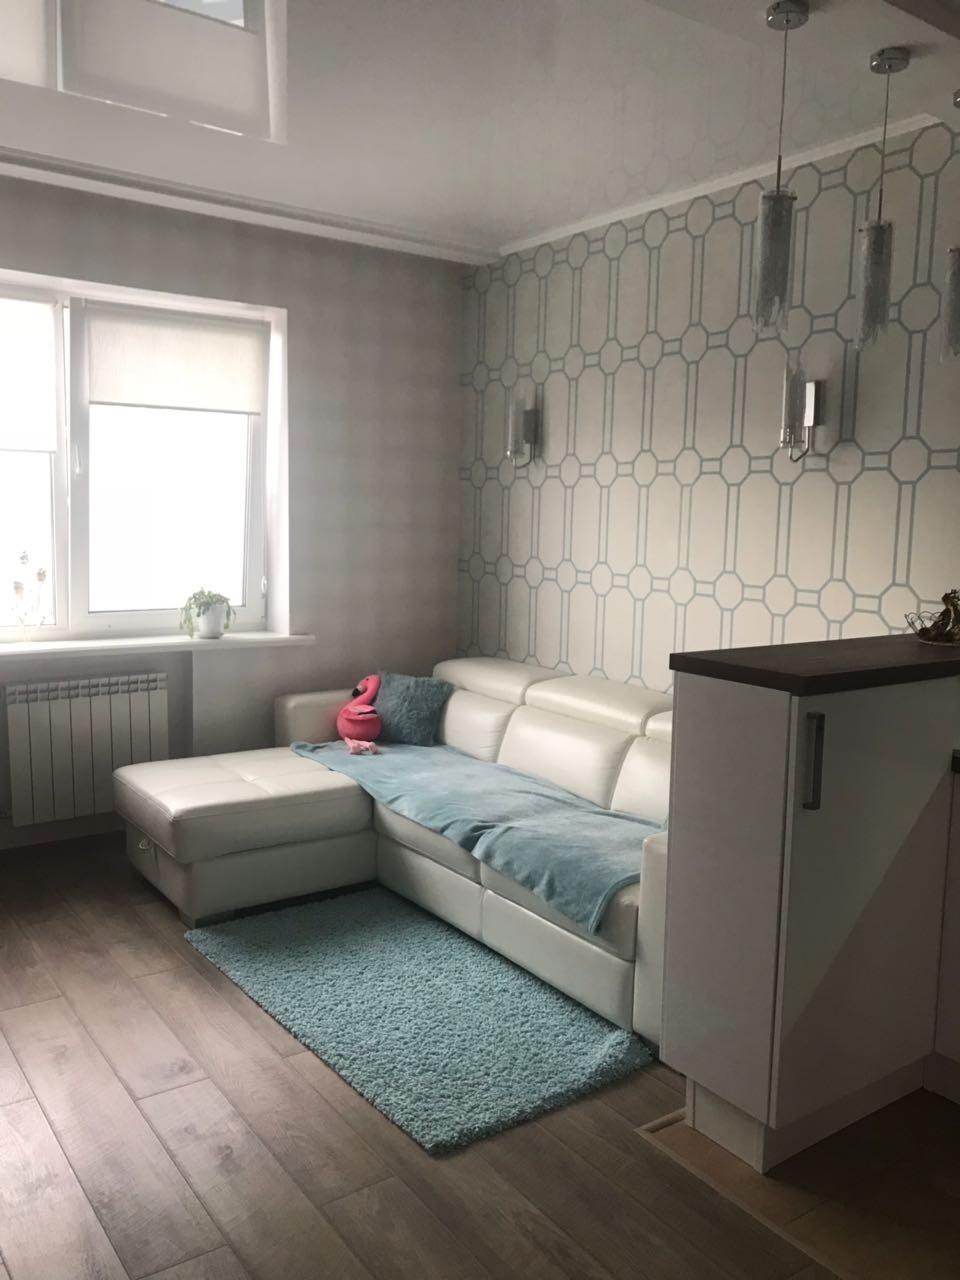 Продам 2-комнатную квартиру в городе Саратов, на улице Вольская, 2, 17-этаж 25-этажного Кирпич дома, площадь: 99/55/28 м2